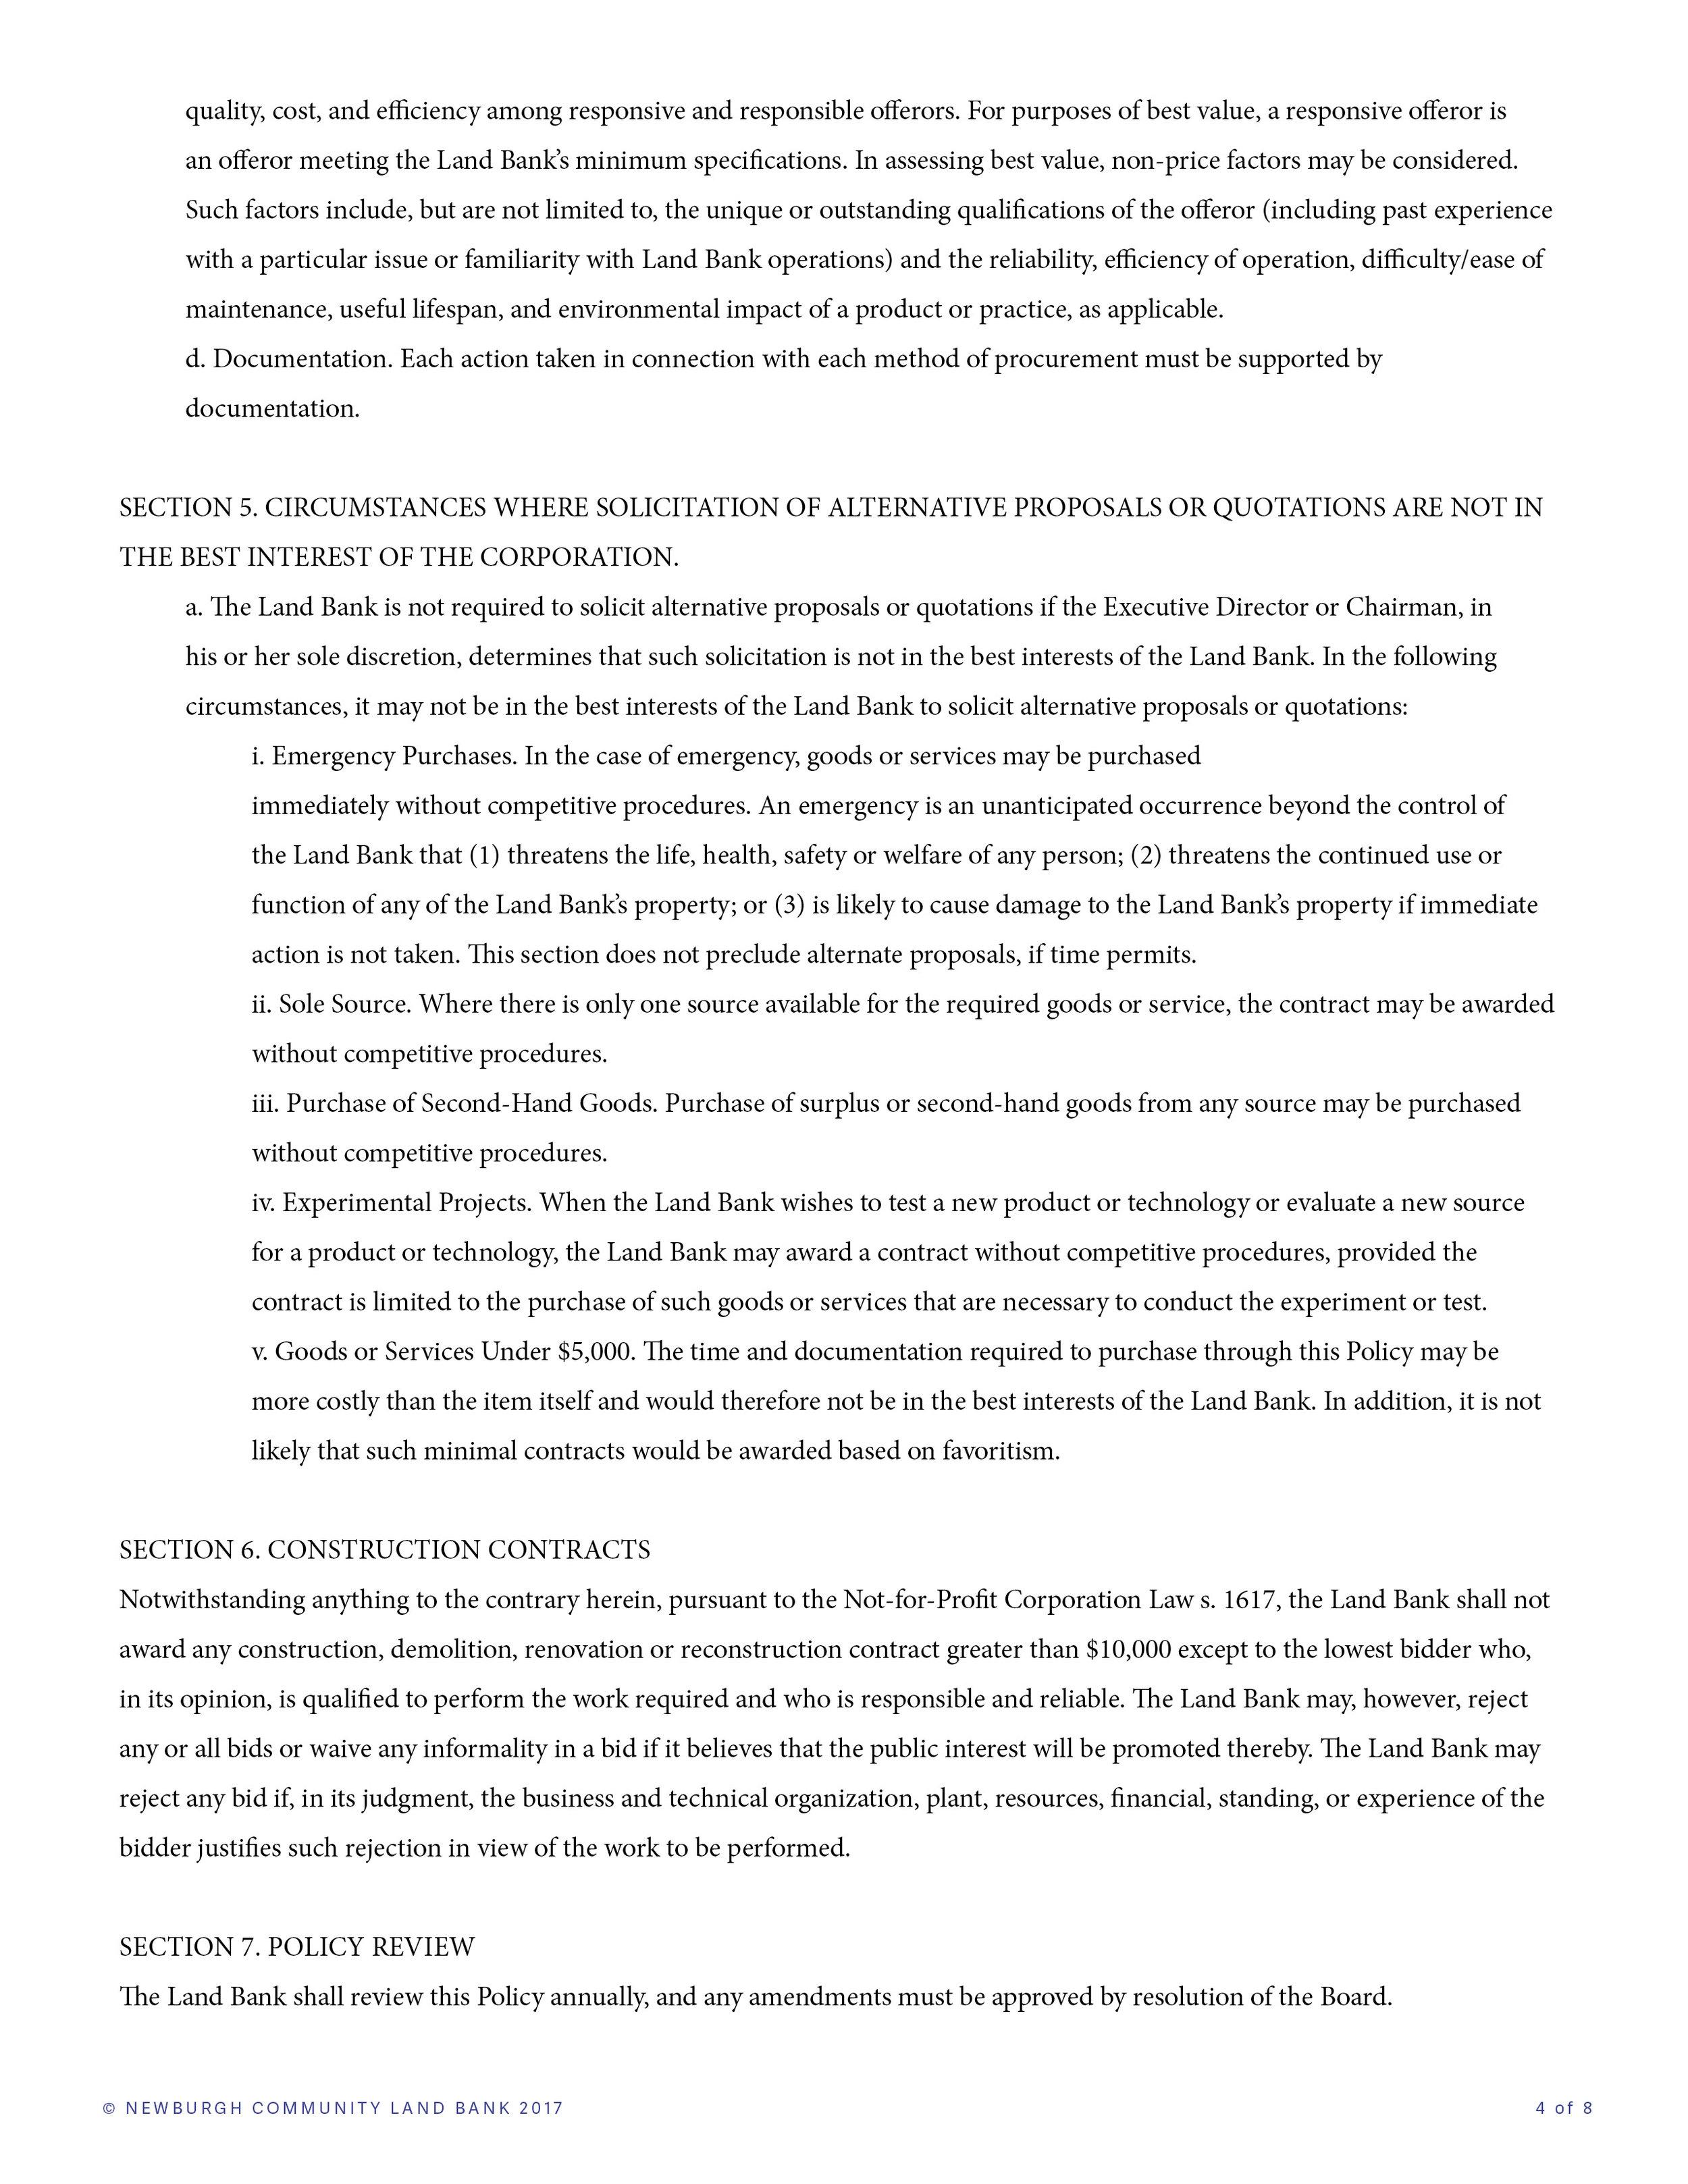 NCLB Procurement Policy4.jpg